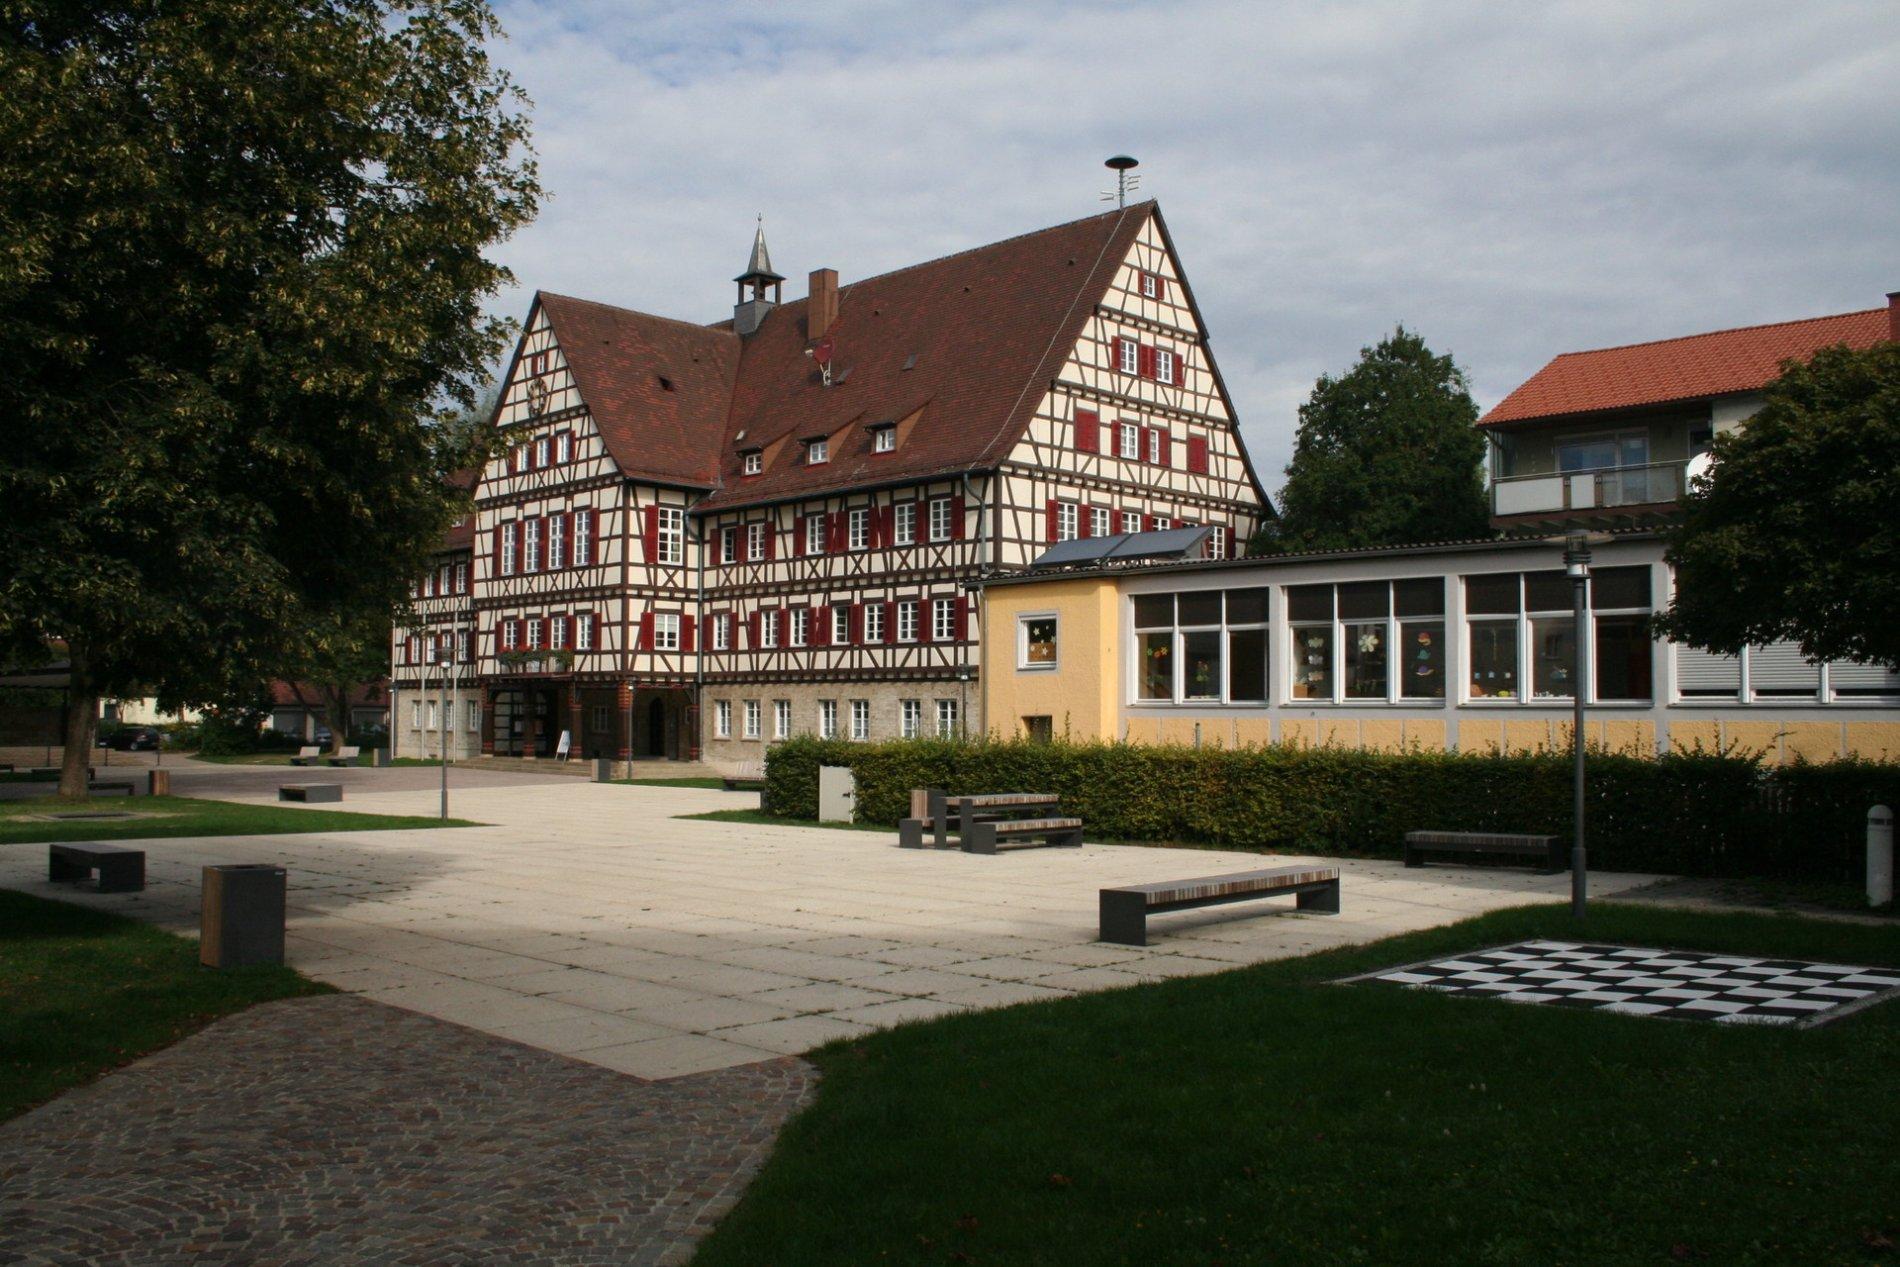 ein großer asphaltierer Platz vor einem Fachwerkhaus mit roten Fensterläden , es gibt verschiedene Sitzgelegenheiten aus Holz, auf der rechten Seite ist ein Schachbrett